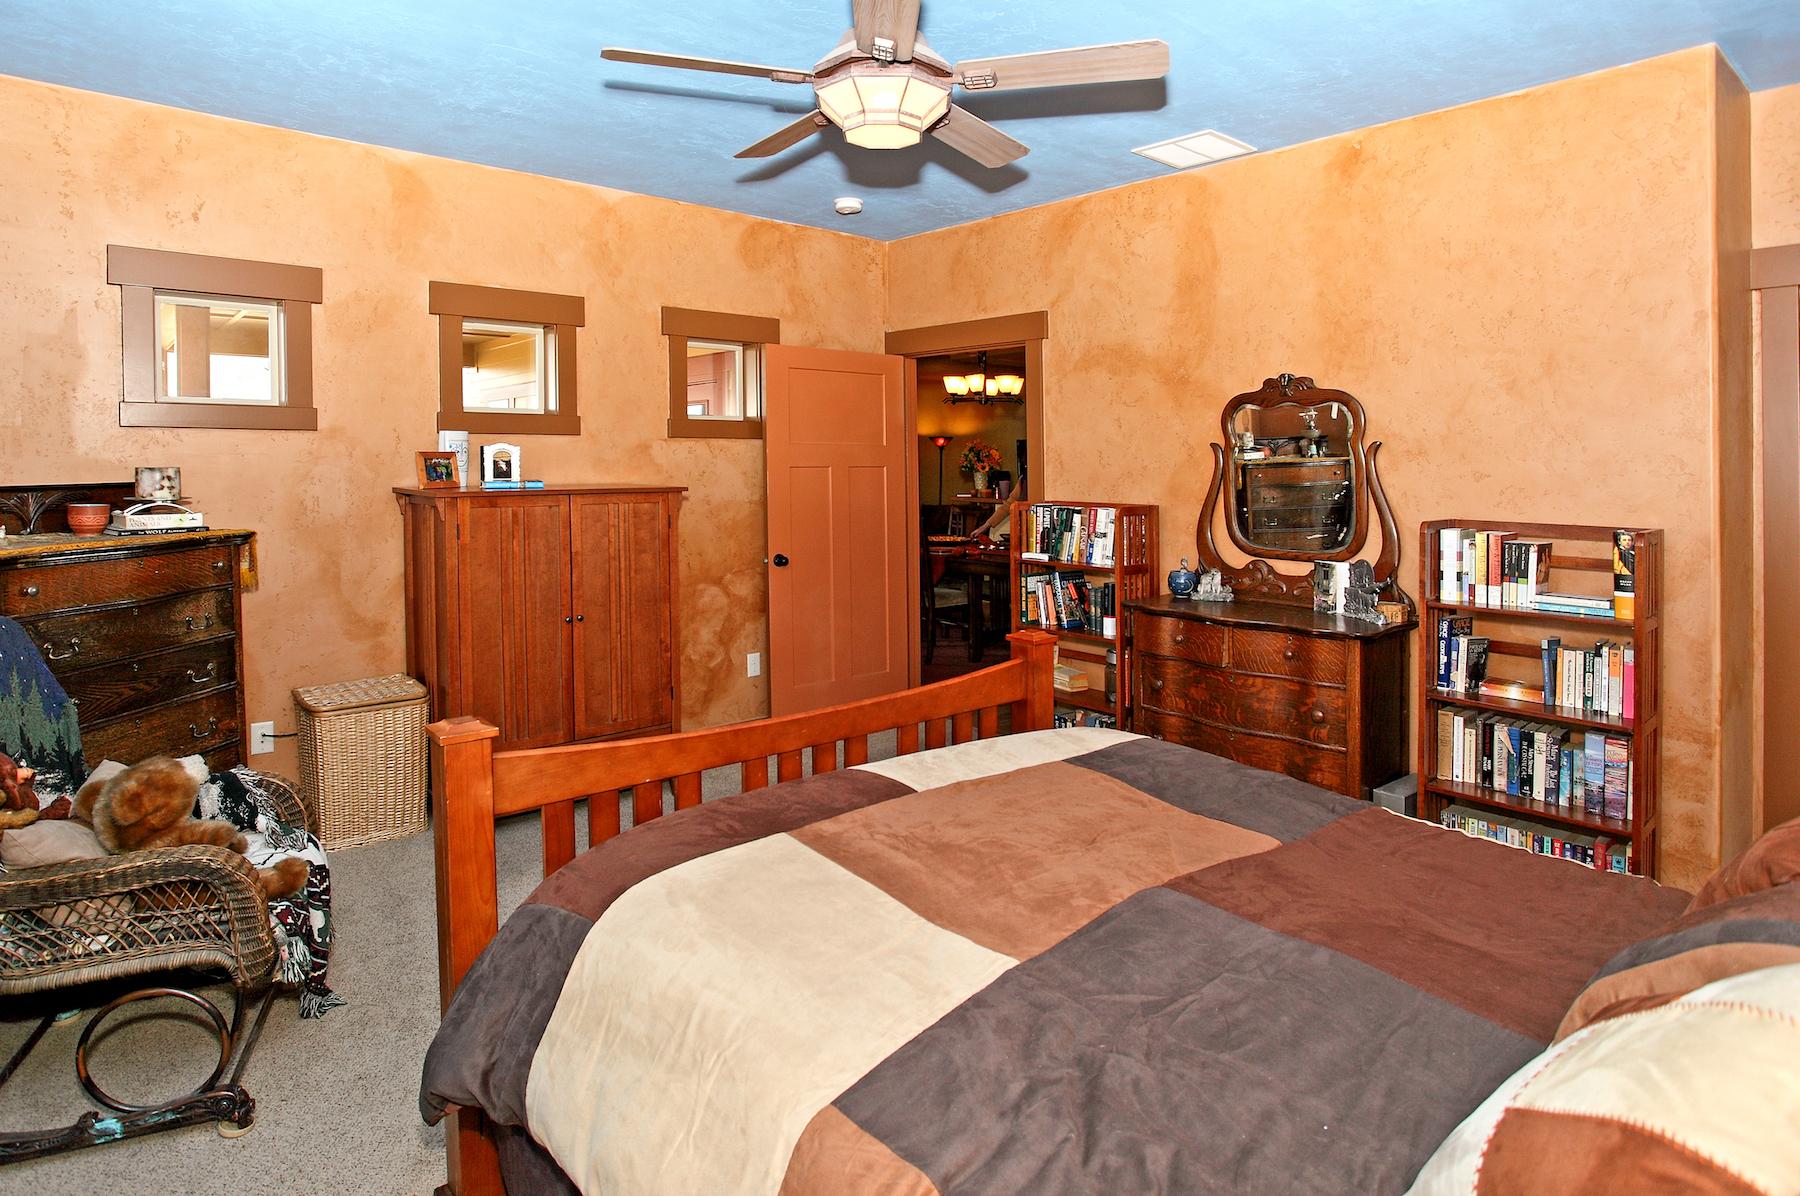 Flynner-Homes-Brownstone00022.jpg